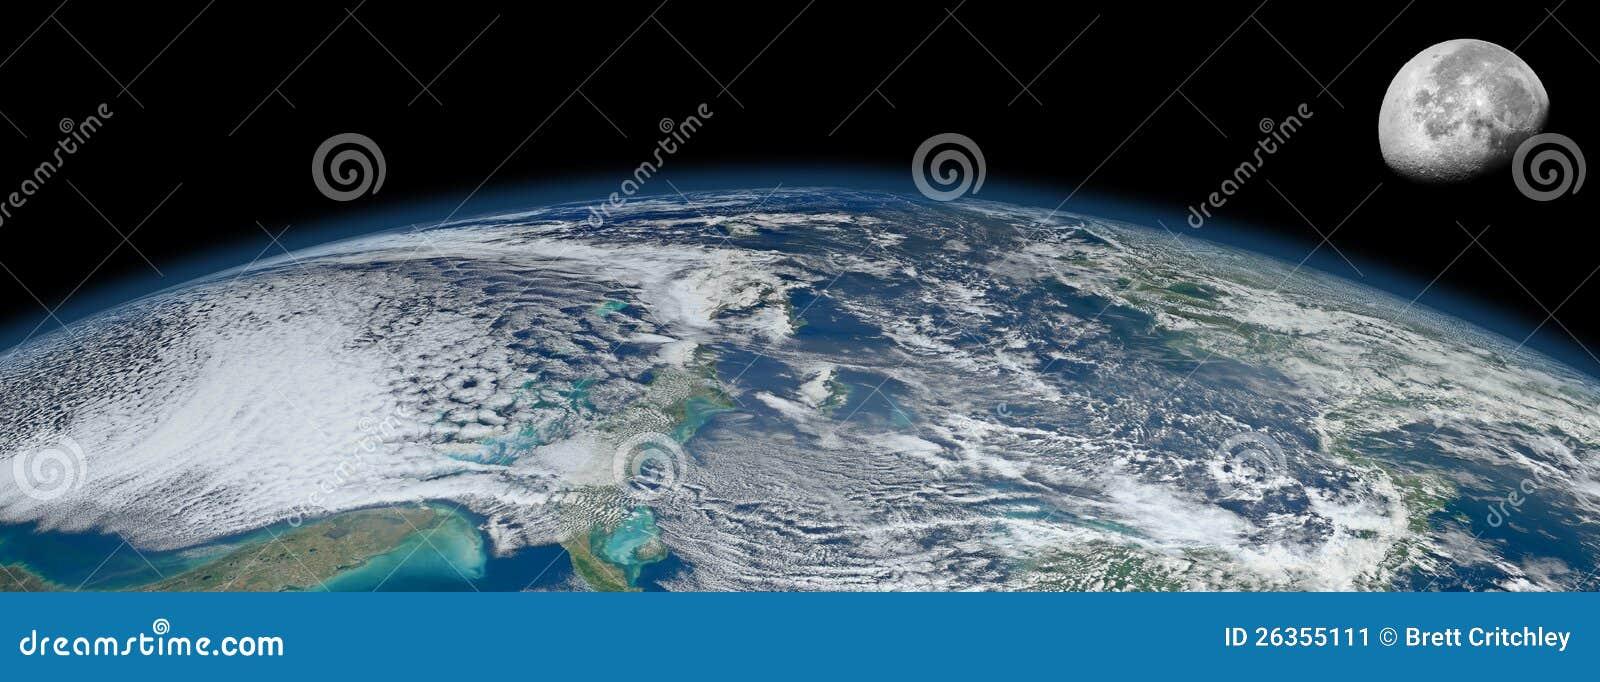 El moverse en órbita alrededor de la luna de la tierra del planeta